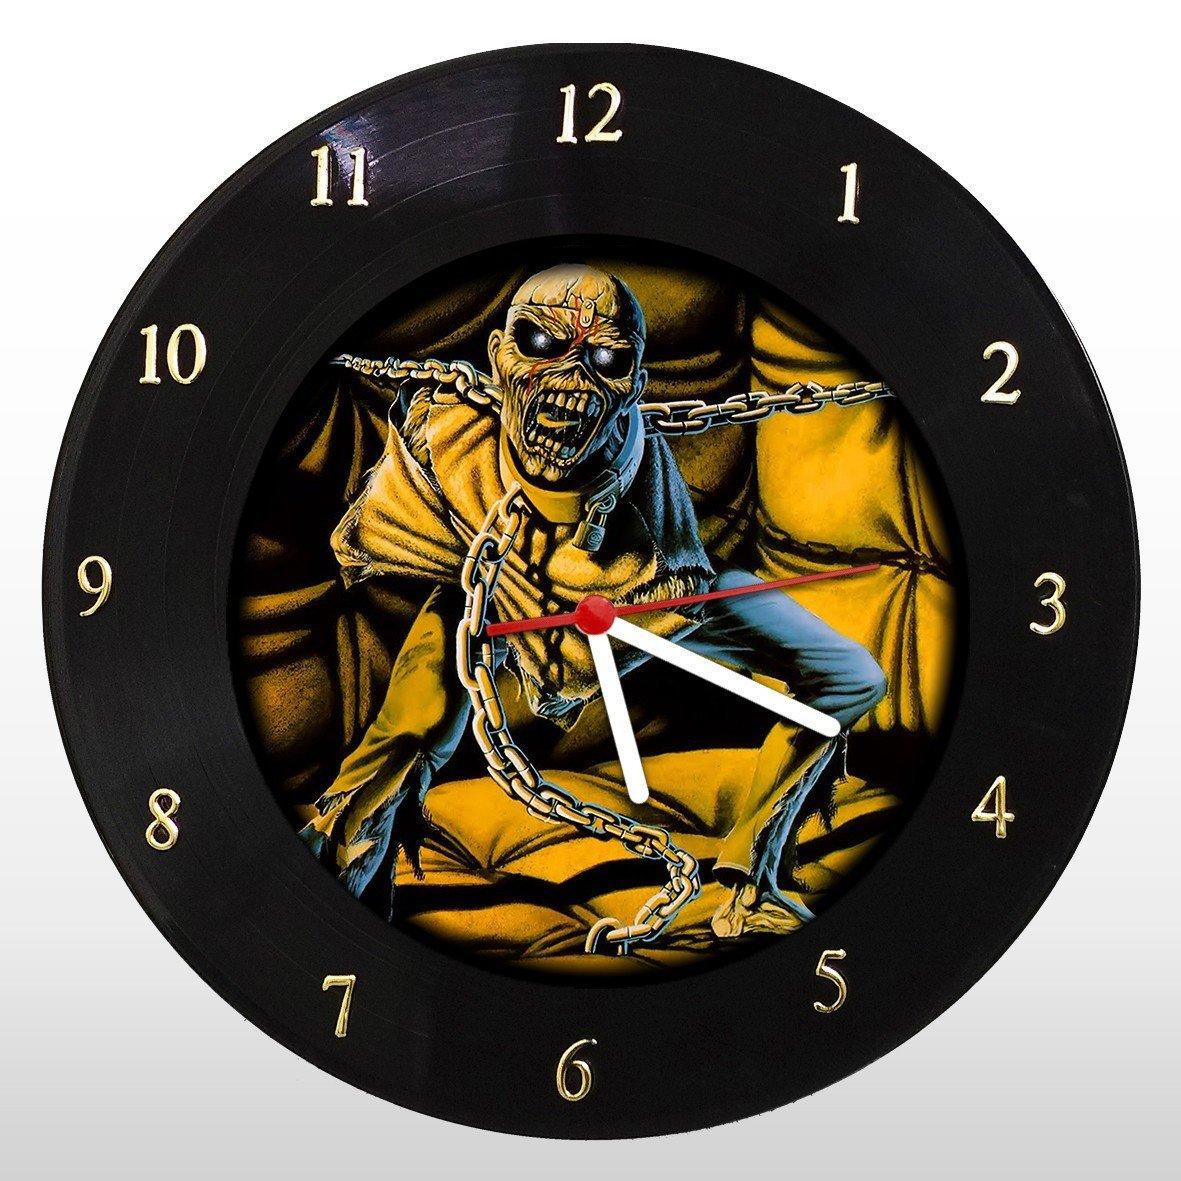 Iron Maiden - Piece of Mind - Relógio de Parede em Disco de Vinil - Mr. Rock